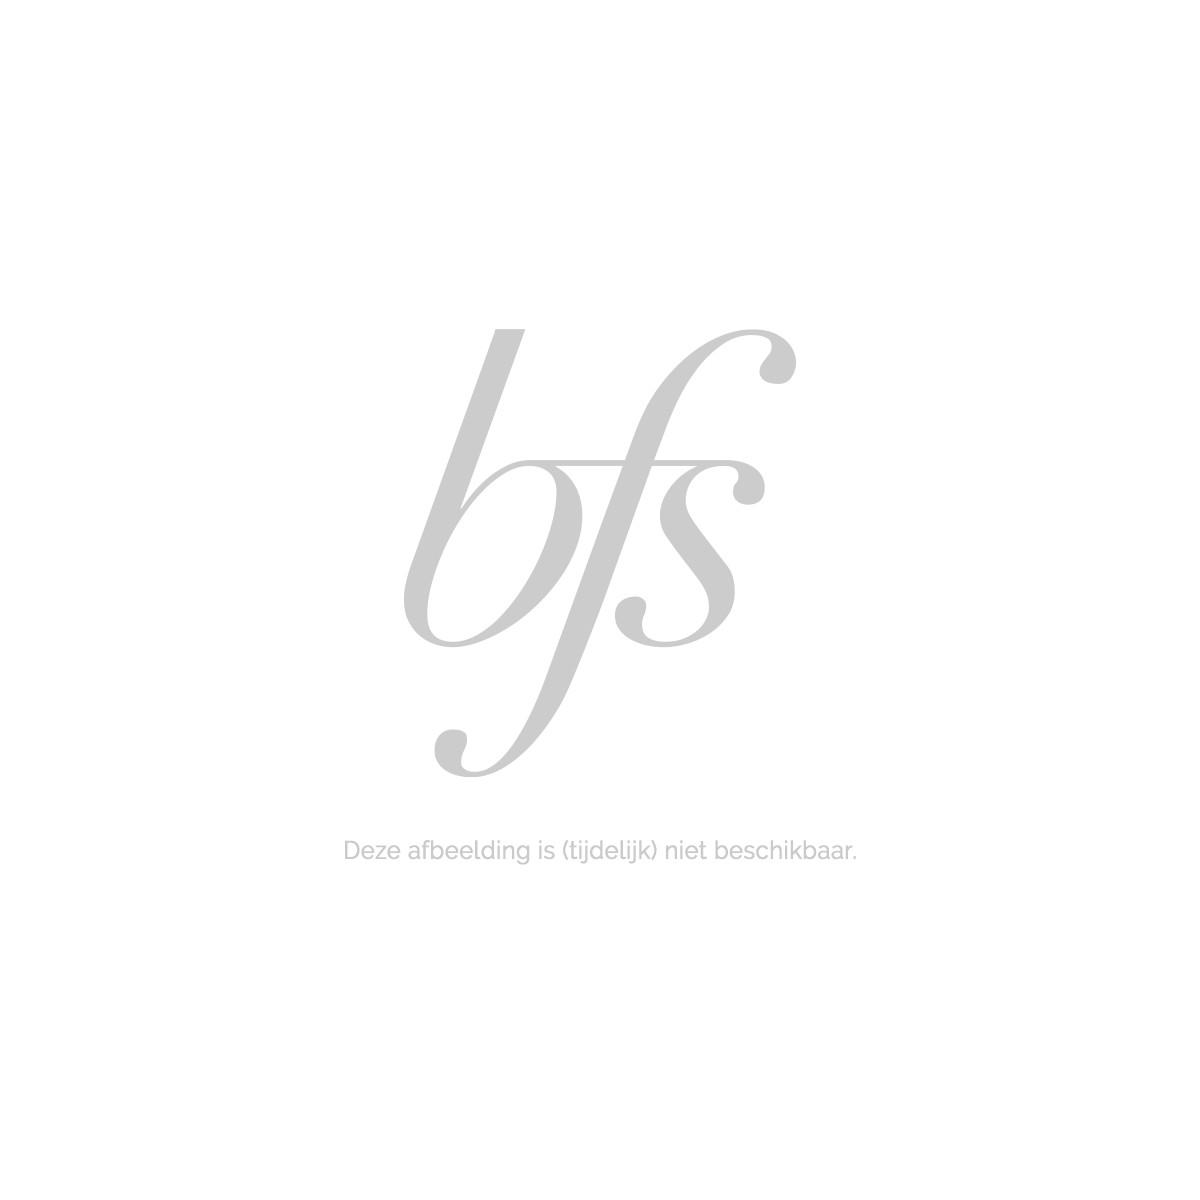 Christian Dior Prestige Le Grand Masque 50 Ml